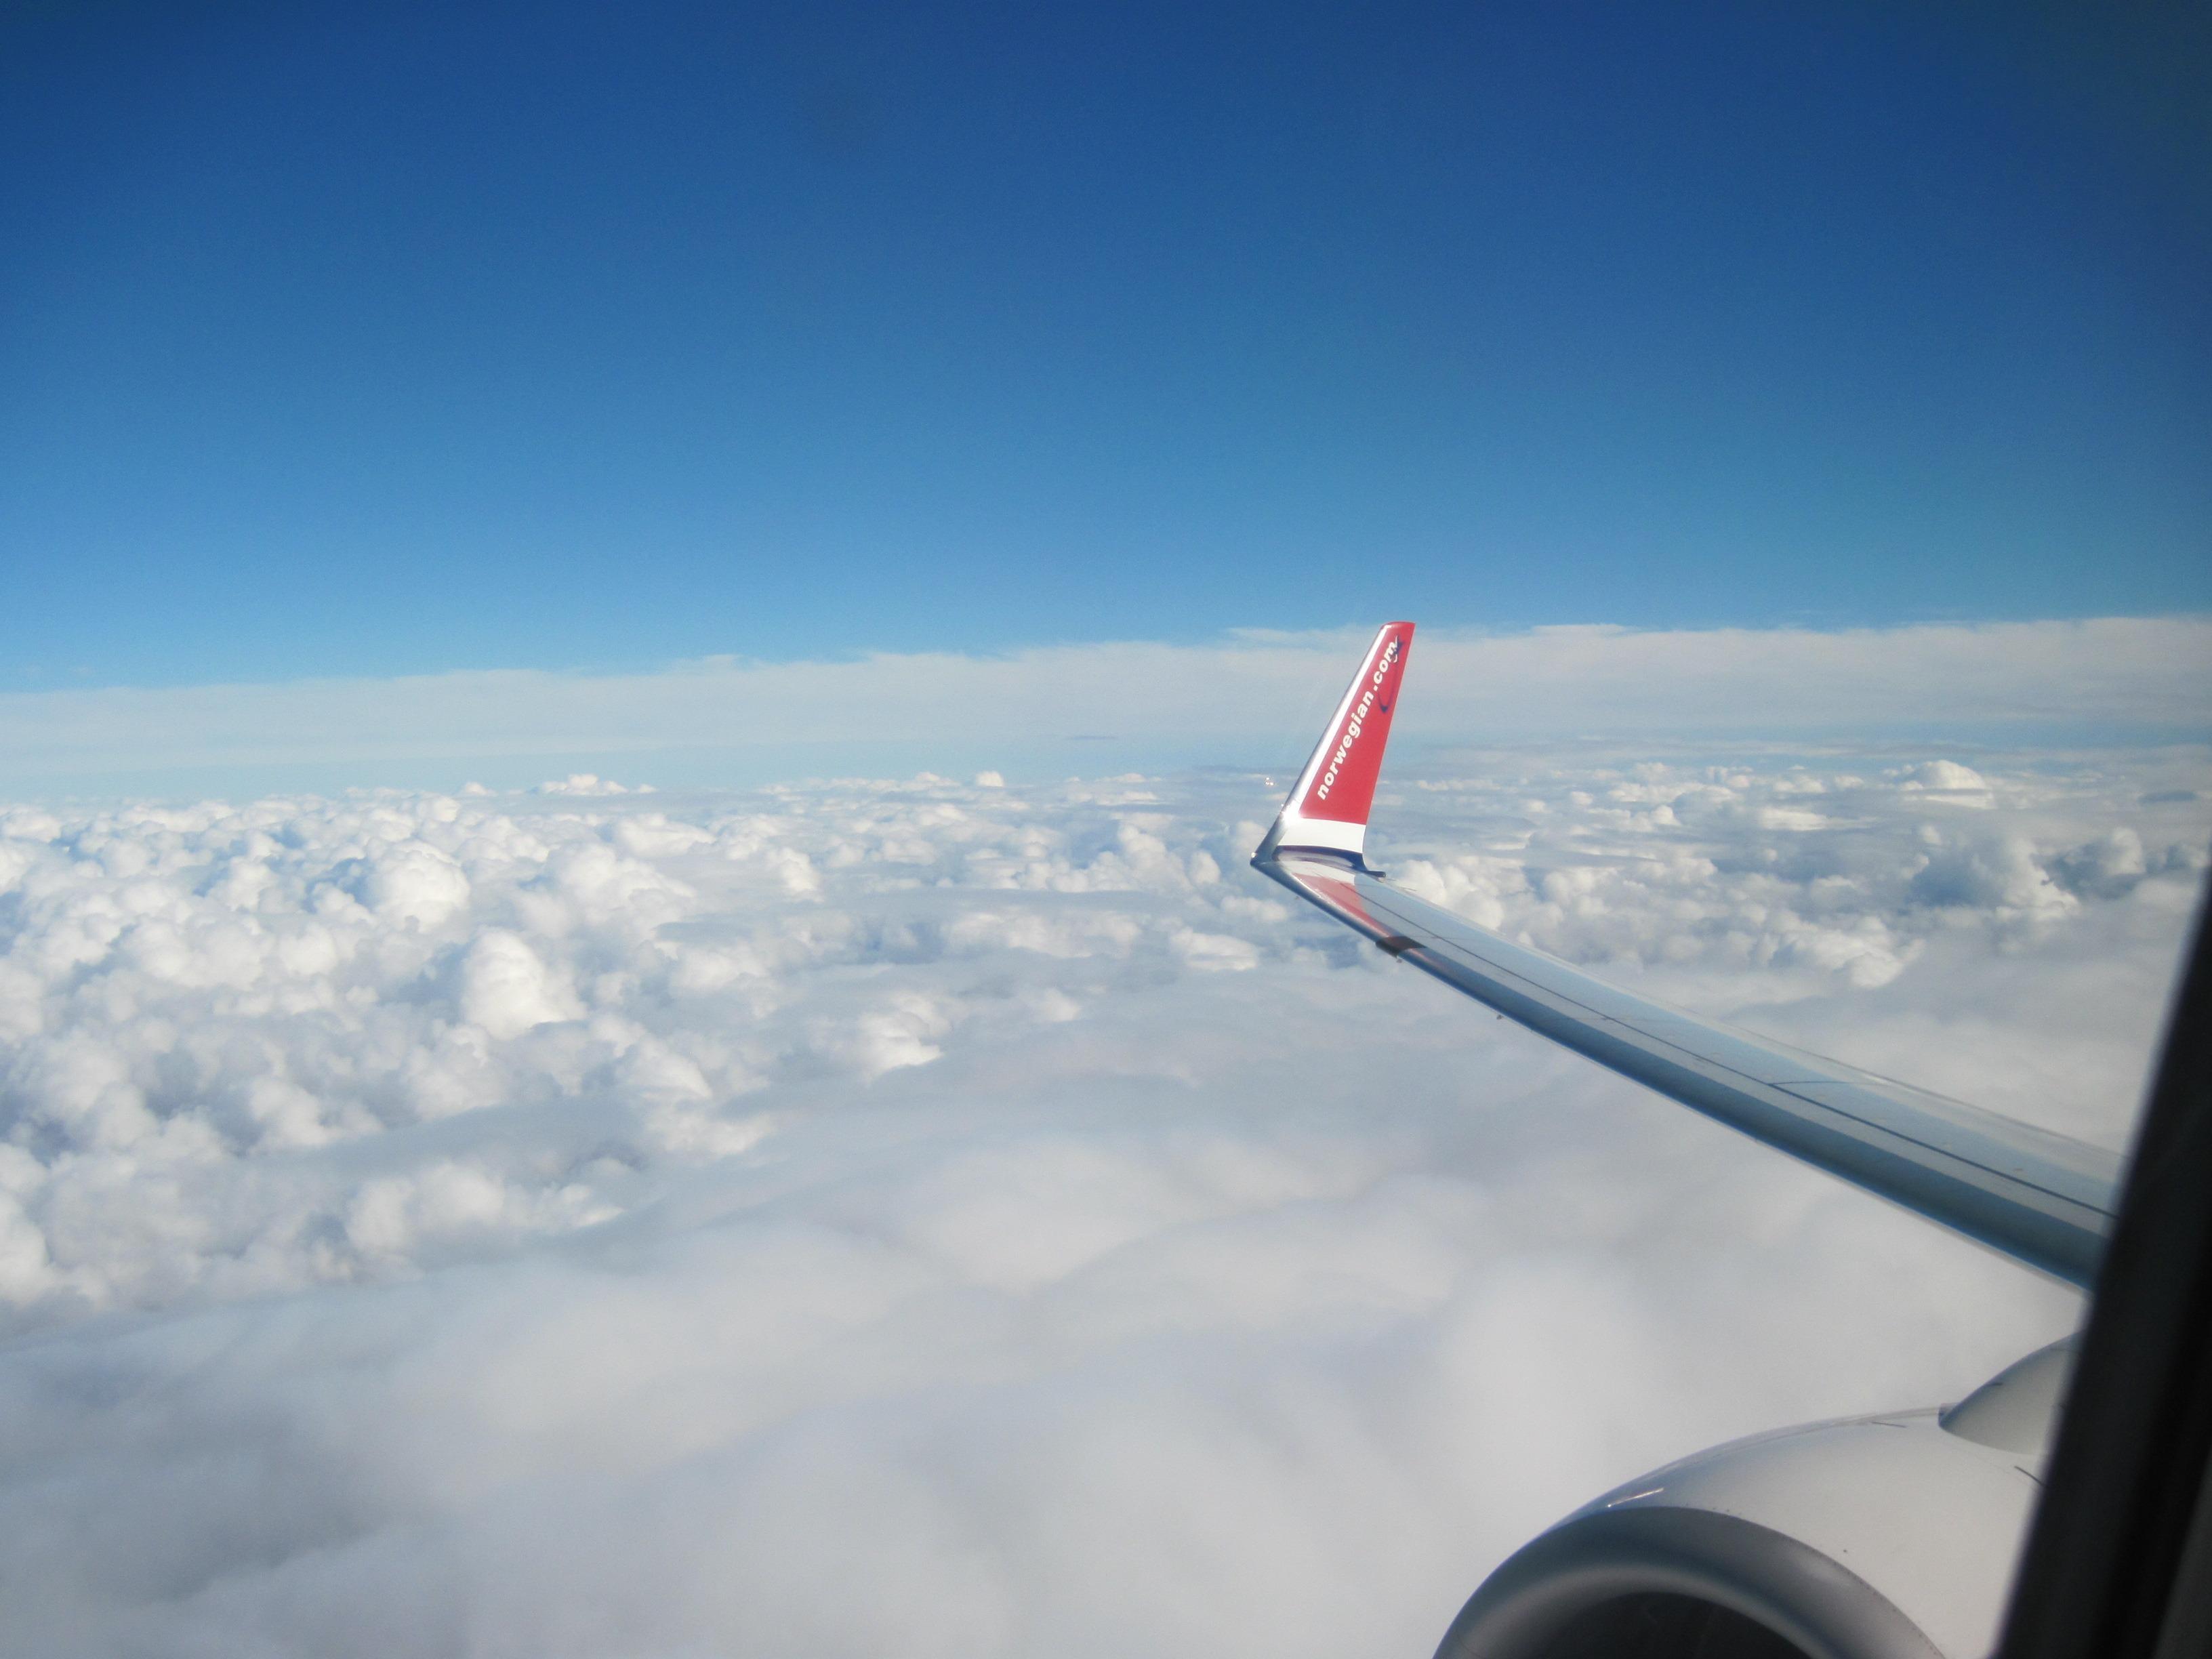 они соответствии картинки самолет в небе зимой астрономический магазин